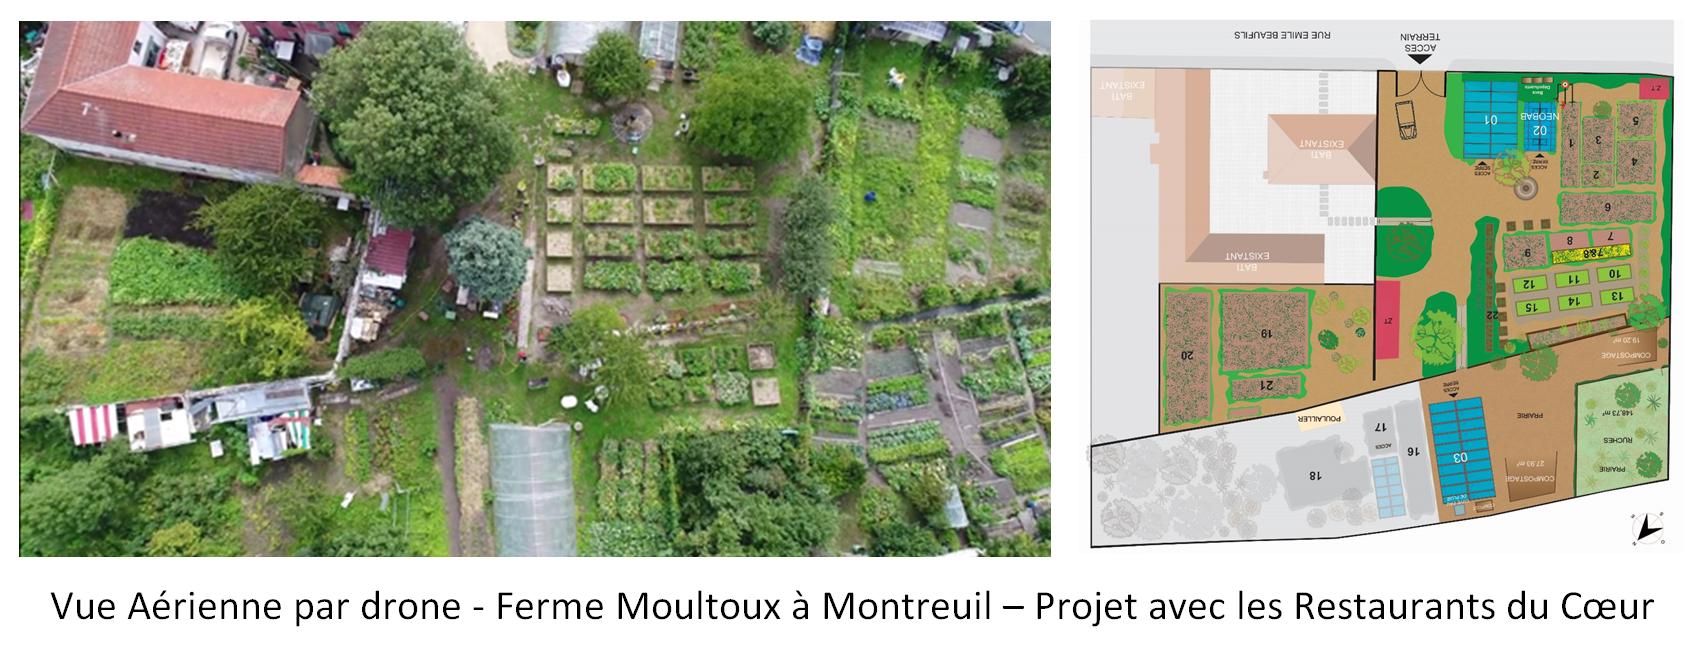 Vue aérienne par drone - Ferme Moultoux à Montreuil - Projet avec les Restaurants du Coeur